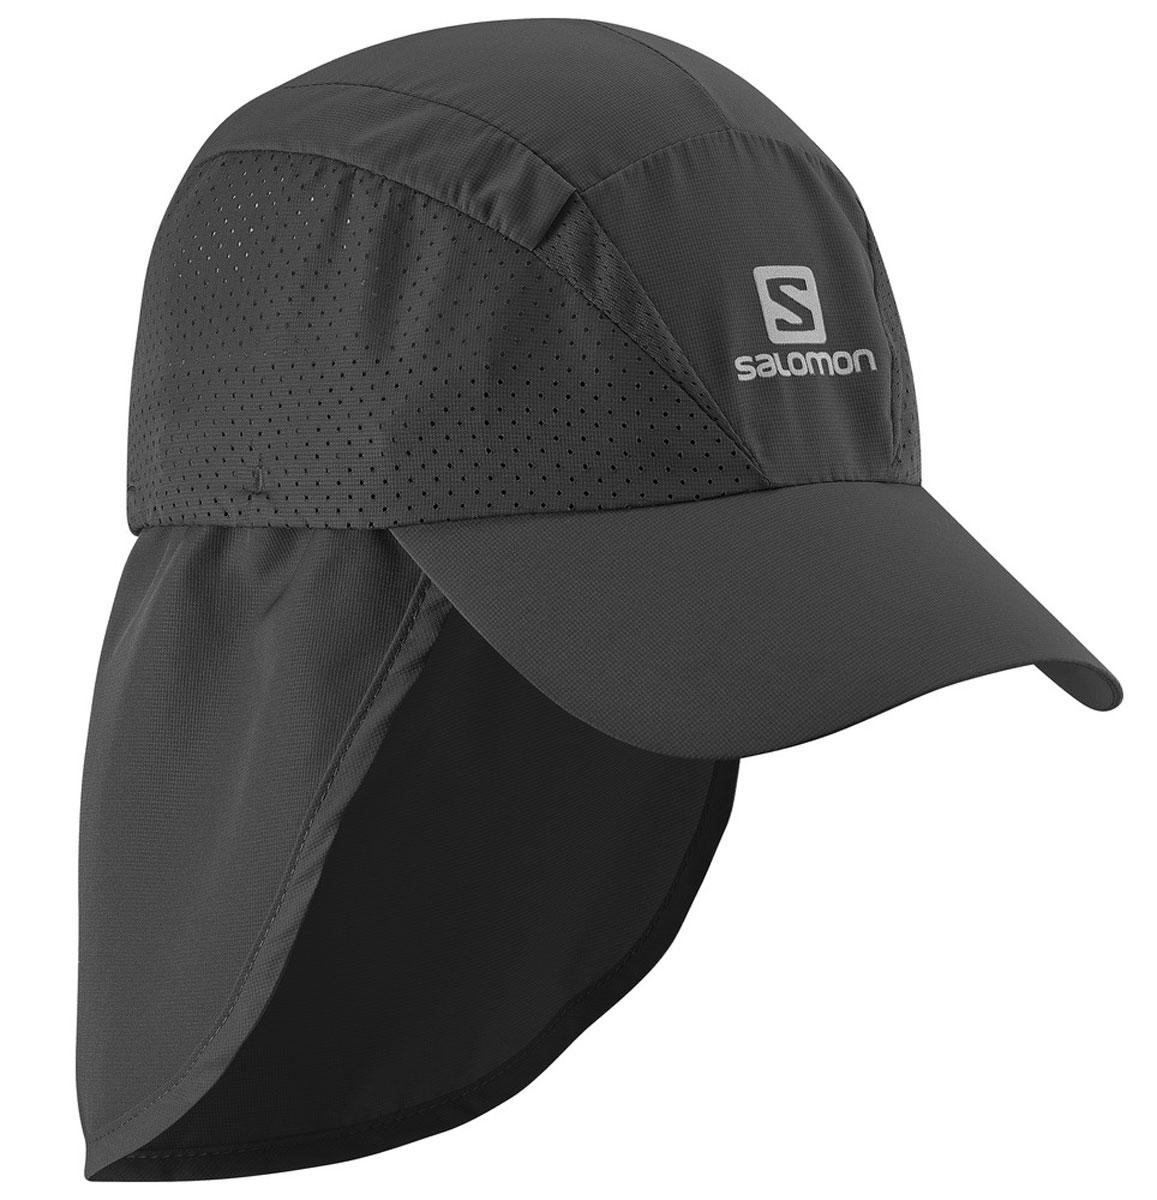 КепкаL37929300Новый лаконичный силуэт, низкий вес и хорошая вентиляция: кепка XA Cap быстро сохнет, сохраняя чувство свежести и комфорта во время беге. Дополнительная защита шеи от прямых солнечных лучей.